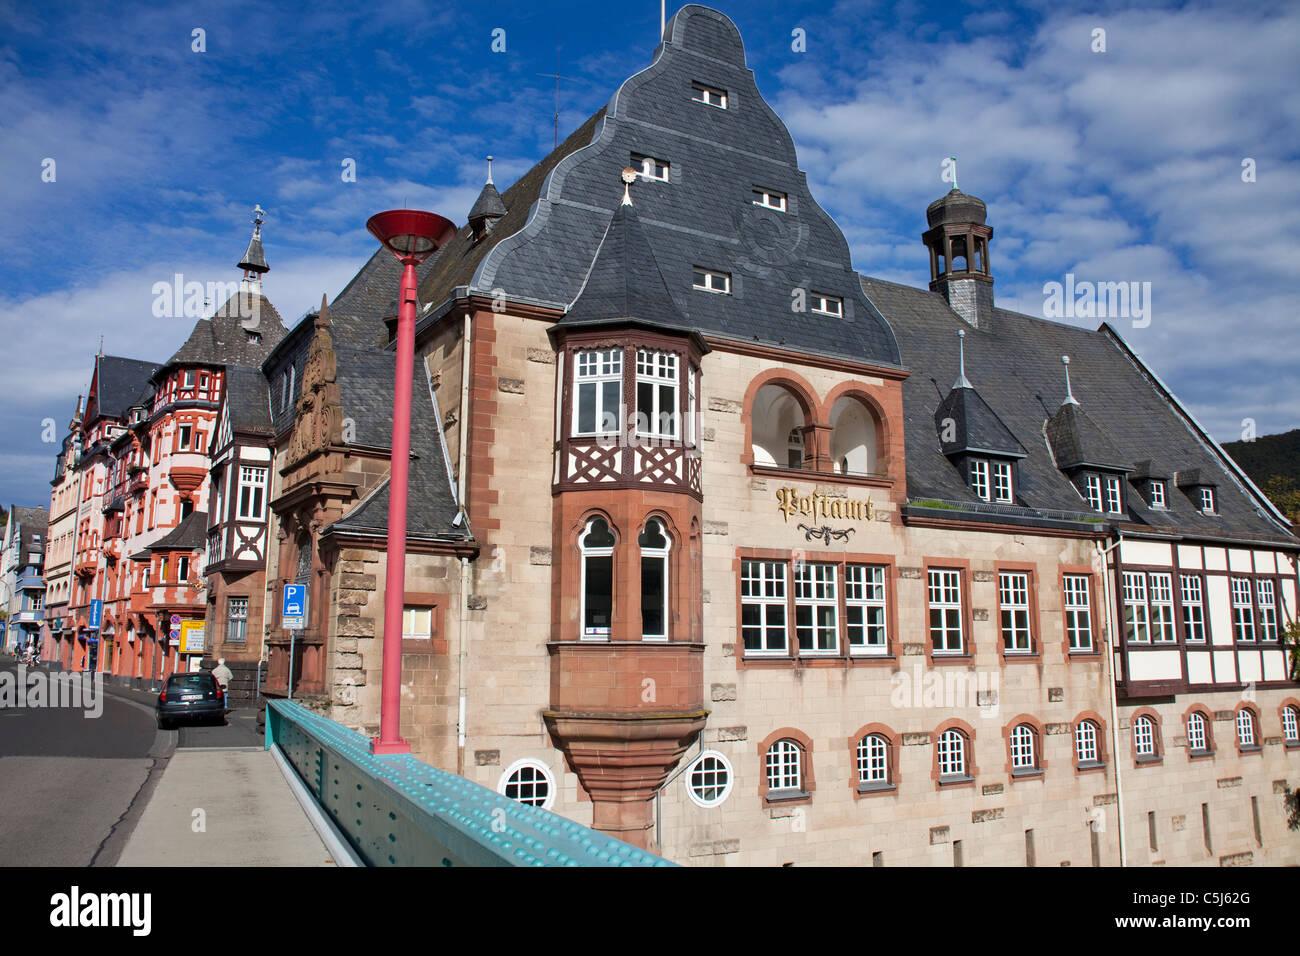 Altes Historisches Postamt eine der Moselbruecke, Traben-Trarbach, Mosel, alte Post Office an der Mosel-Brücke, Stockbild